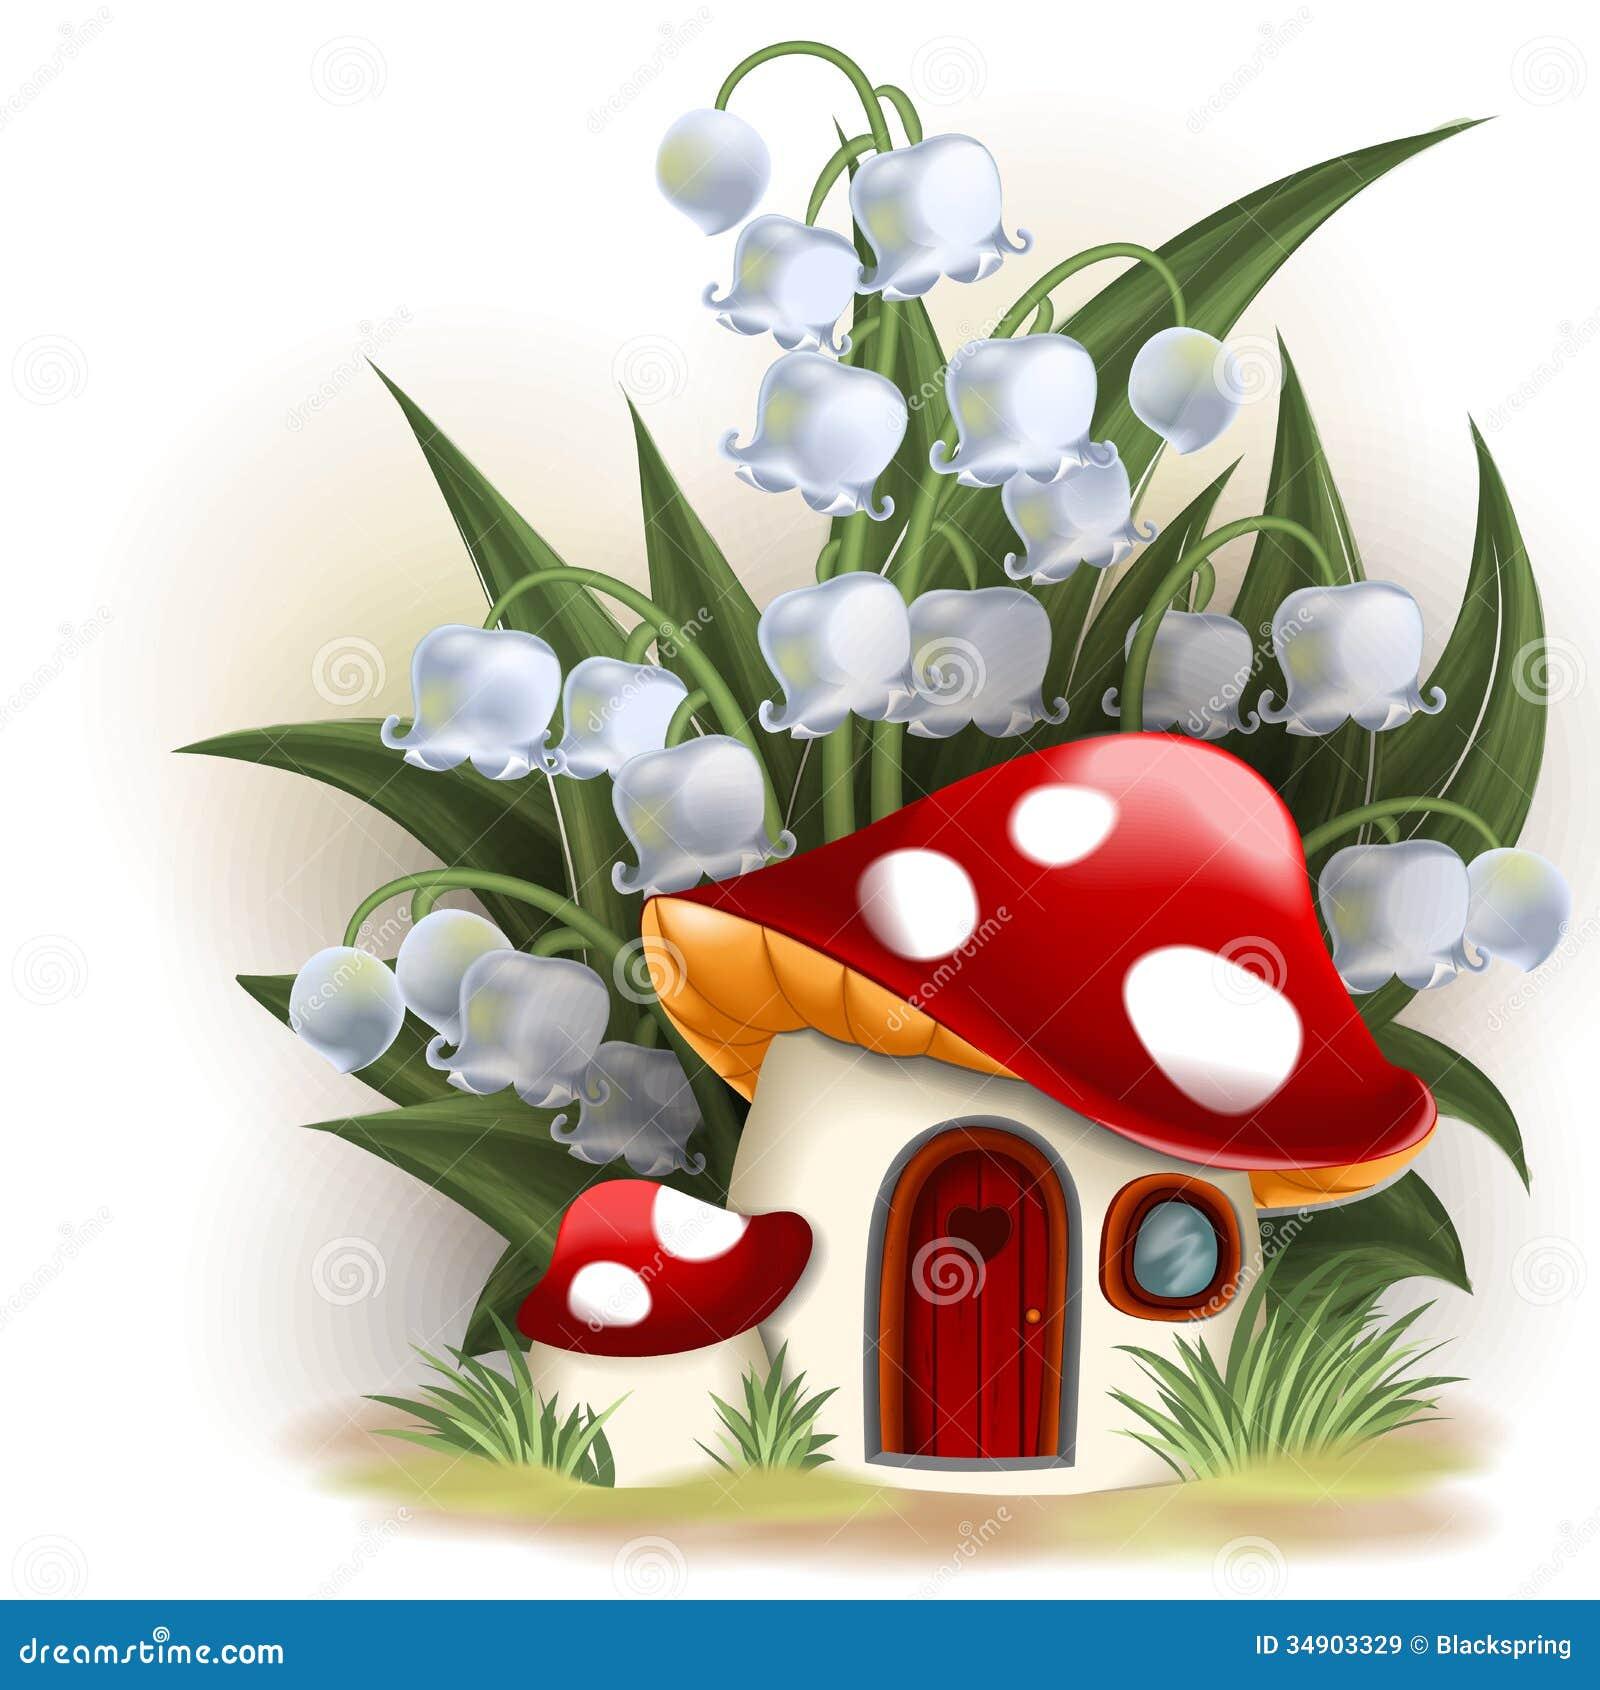 Mushroom Fantasy House Royalty Free Stock Images Image